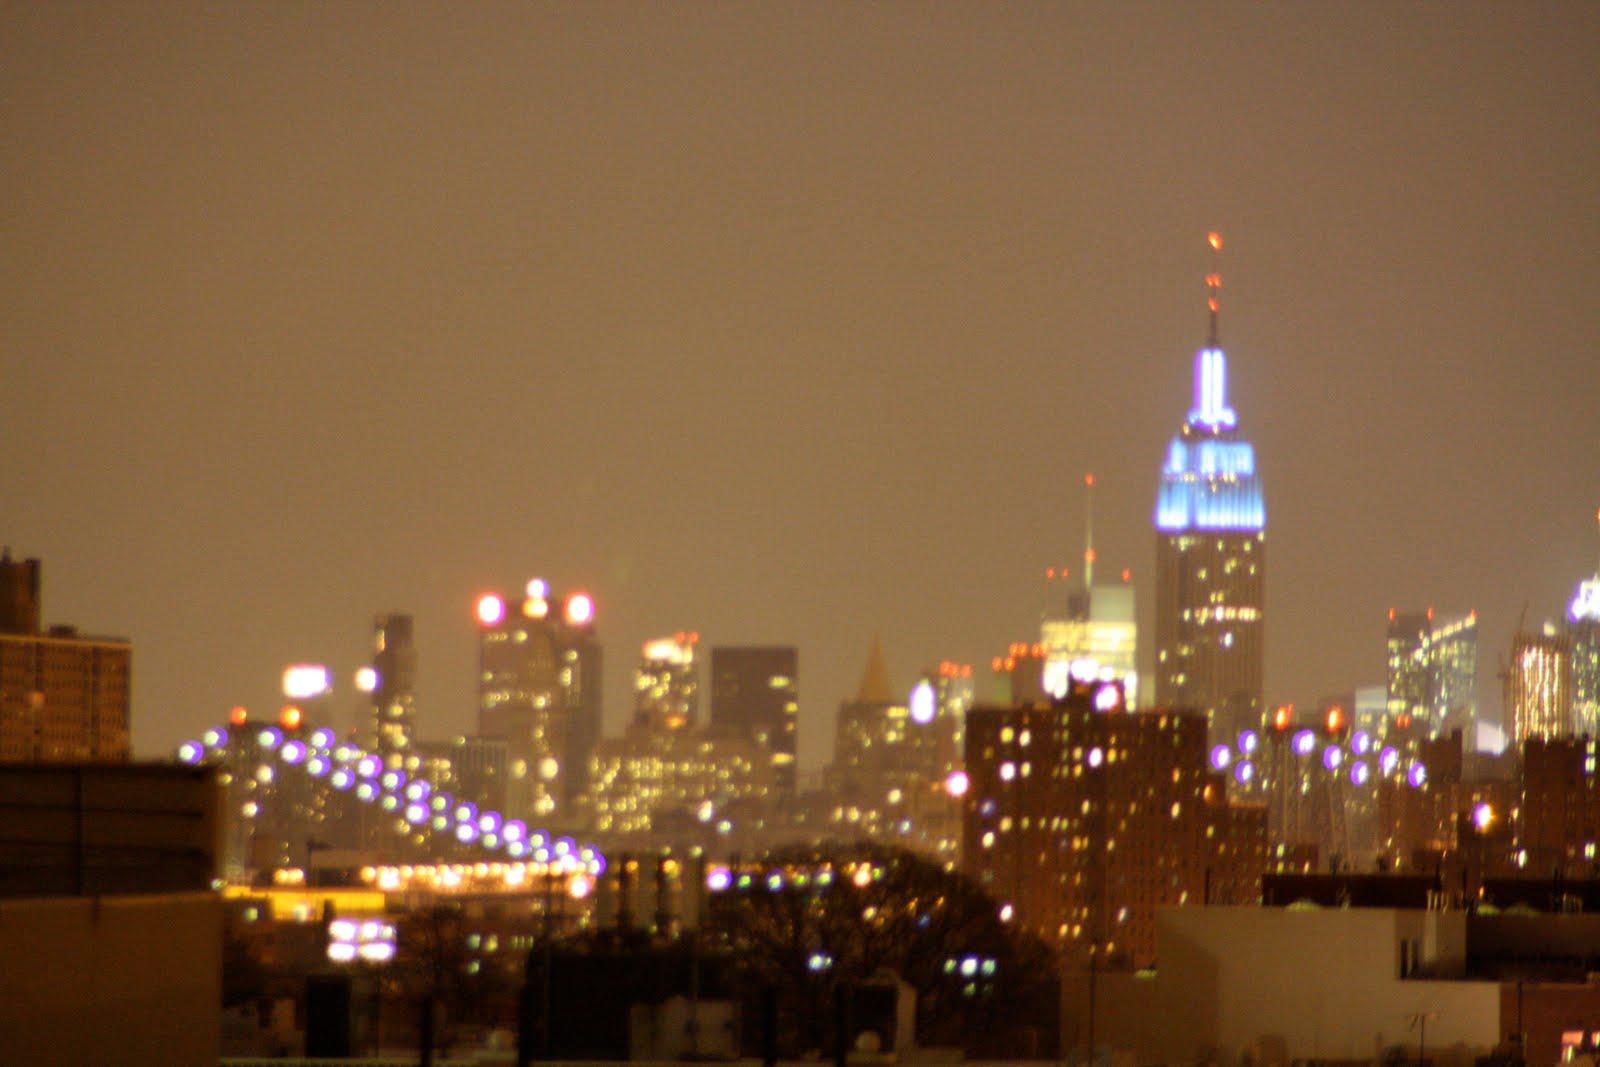 http://4.bp.blogspot.com/_qSk8NLxxMtQ/TE-EuTBxKvI/AAAAAAAABJc/Cj_Zyv0zmAc/s1600/20091205_Thanksgiving+ATL+Empire+State_0002.jpg